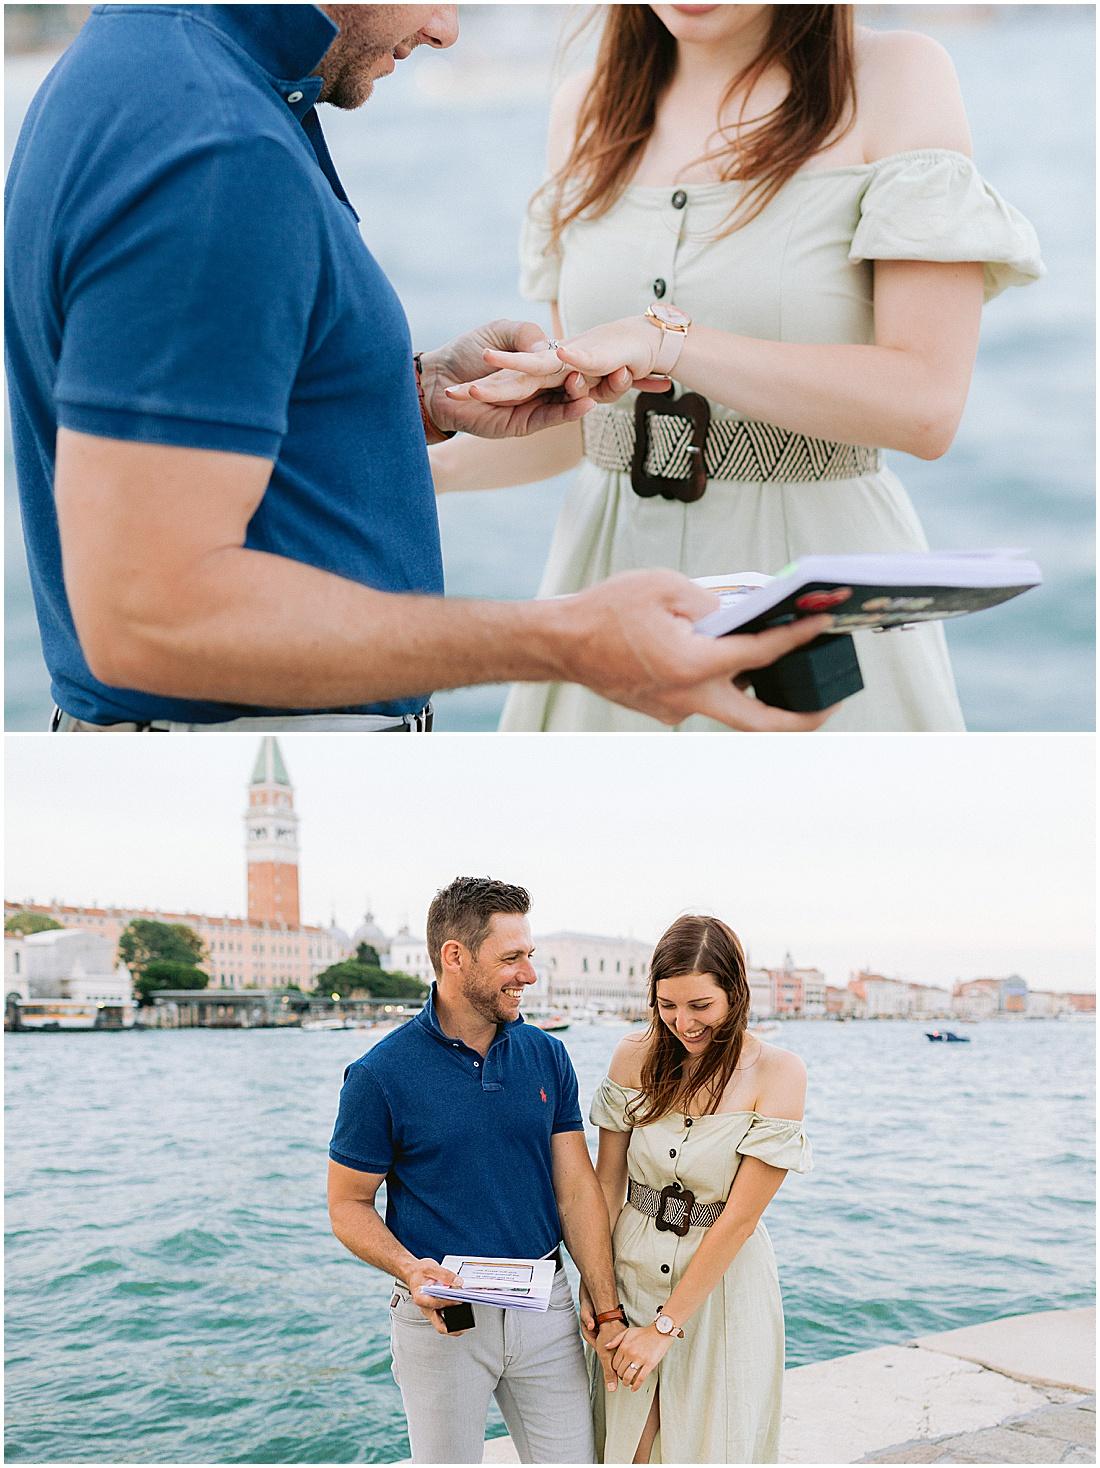 wedding-surprise-proposal-photographer-venice-gondola-sunset-stefano-degirmenci_0372.jpg